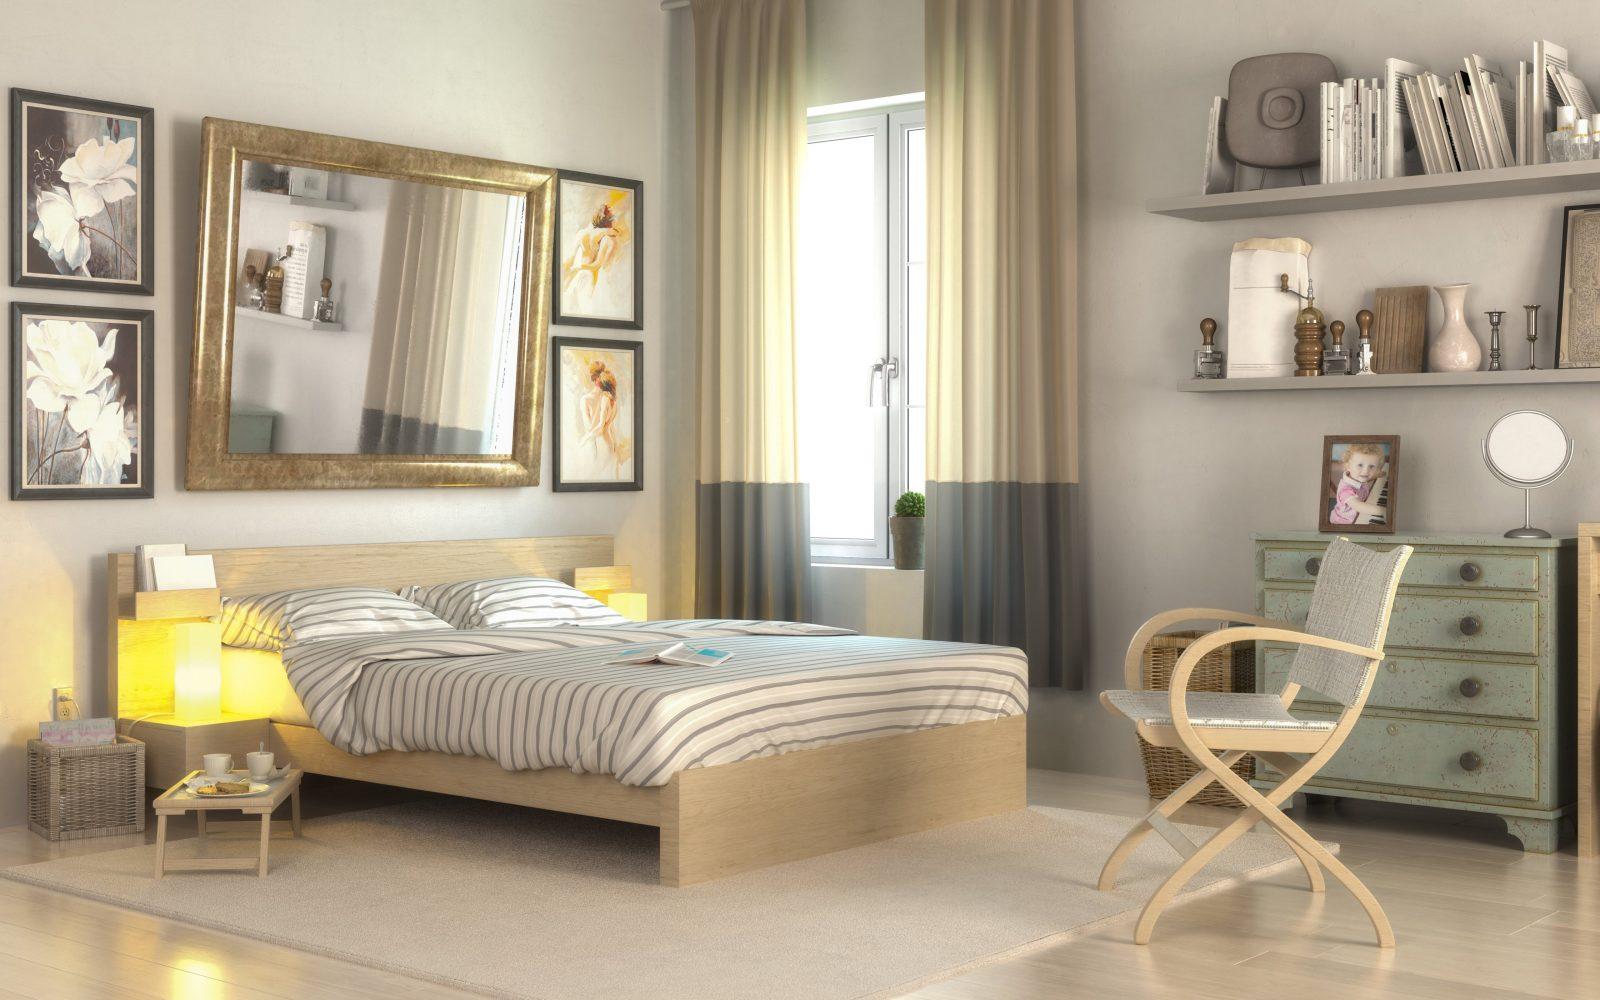 Kleines Schlafzimmer Einrichten So Können Sie Den Platz Optimal Nutzen von Ideen Für Kleine Schlafzimmer Bild